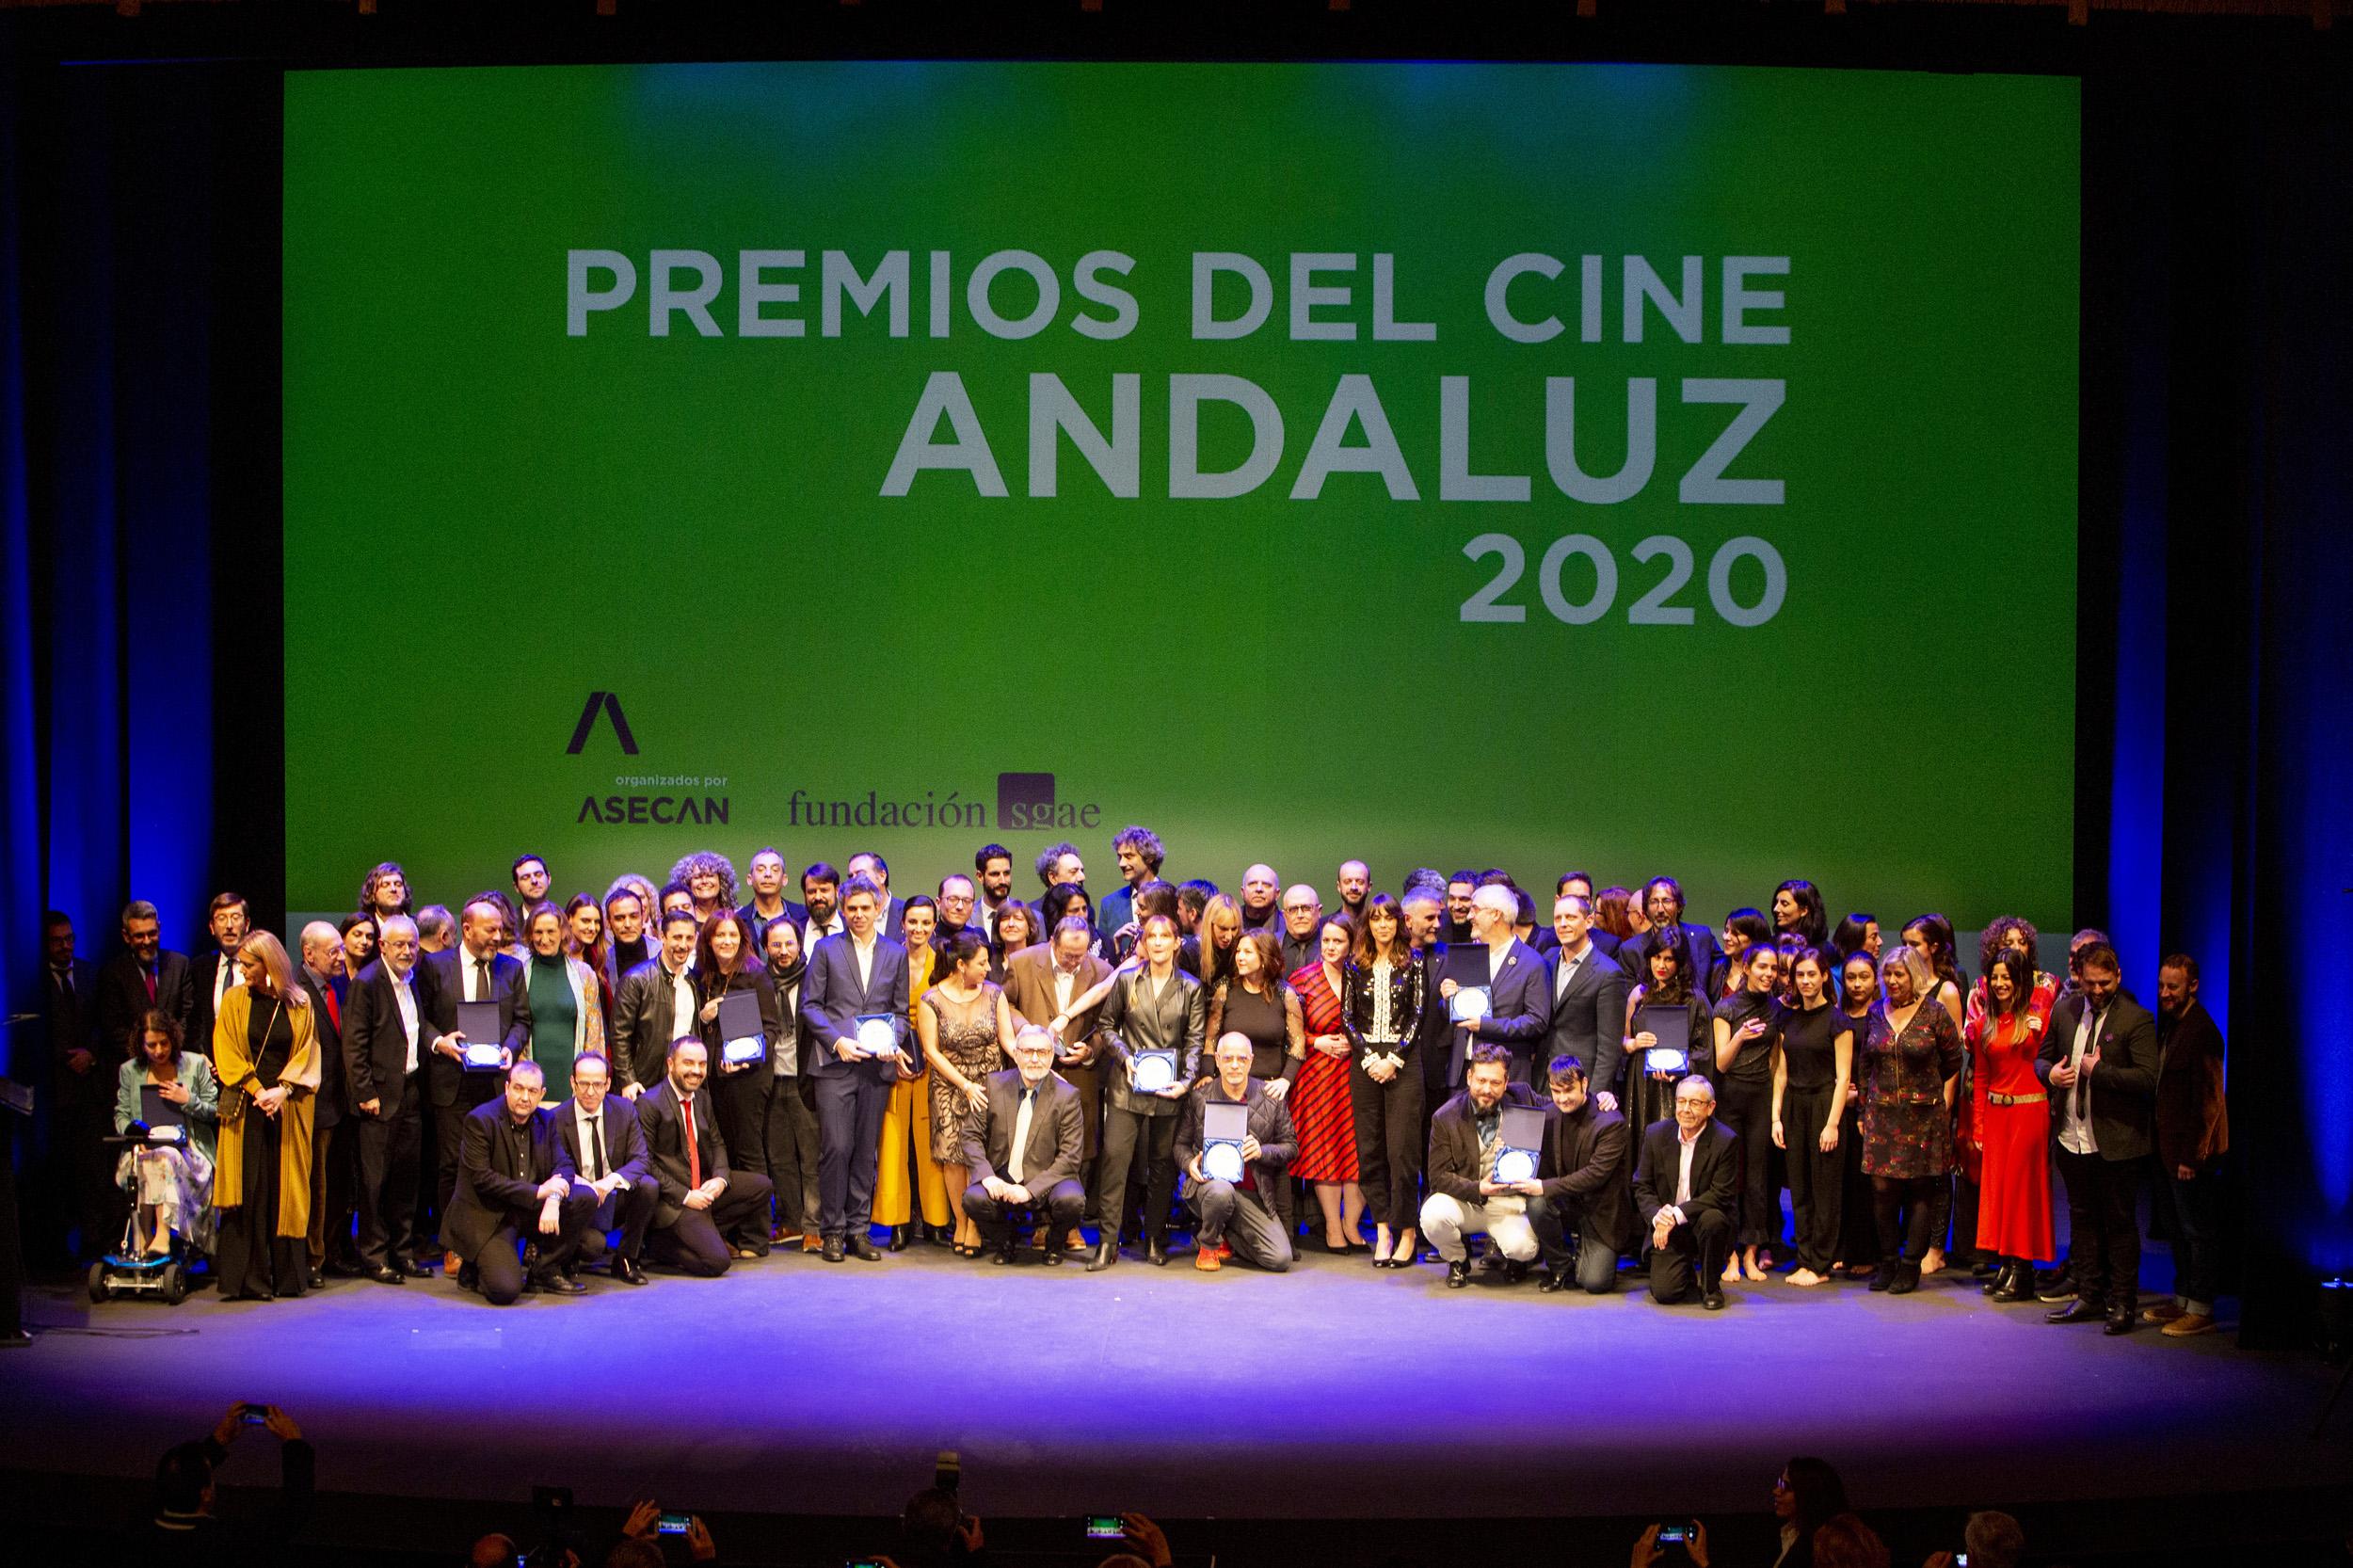 Premios ASECAN 2020: Foto de familia de todos los premiados